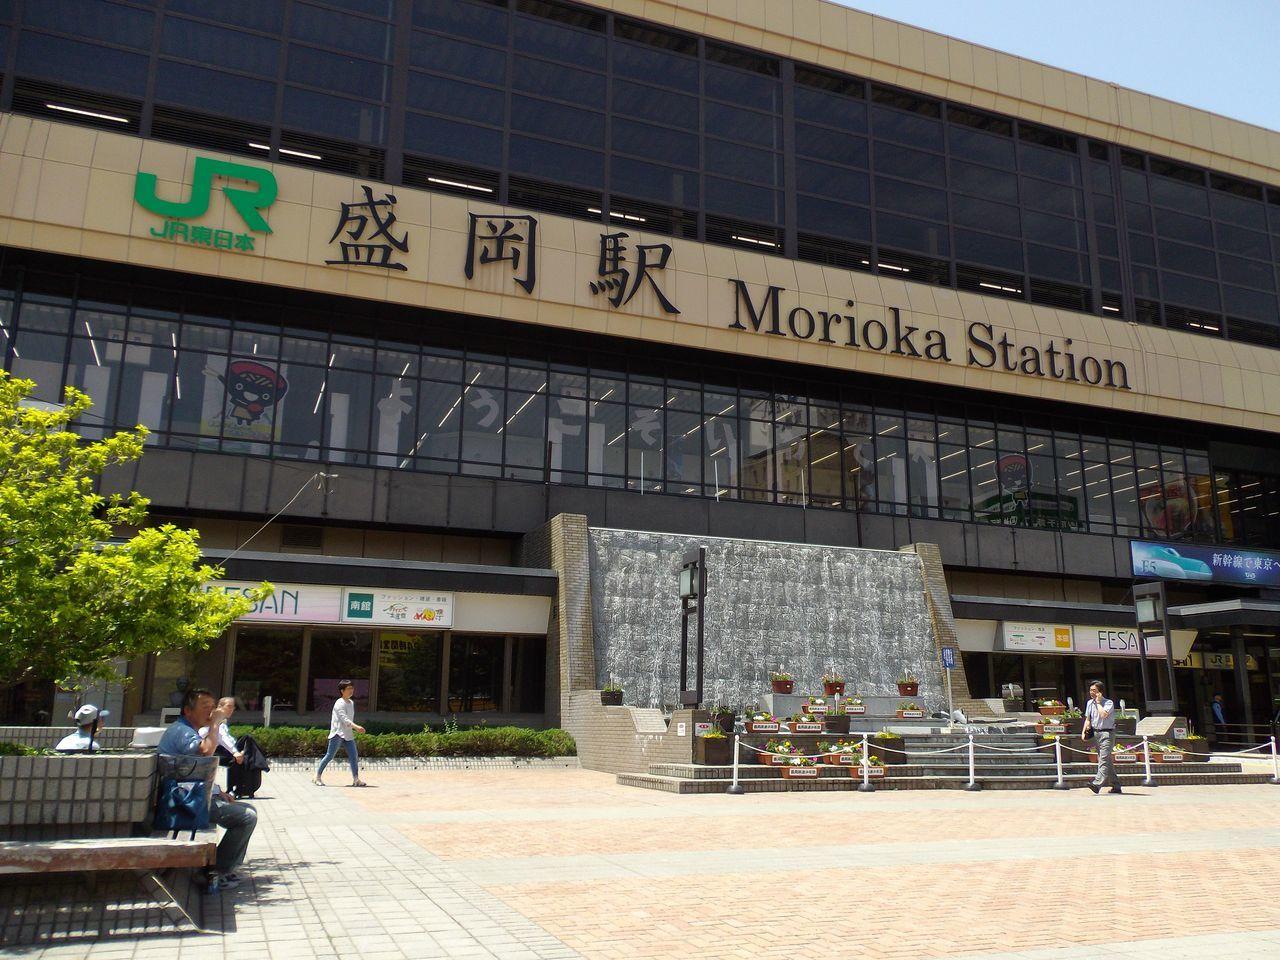 札幌へ_c0025115_21520338.jpg